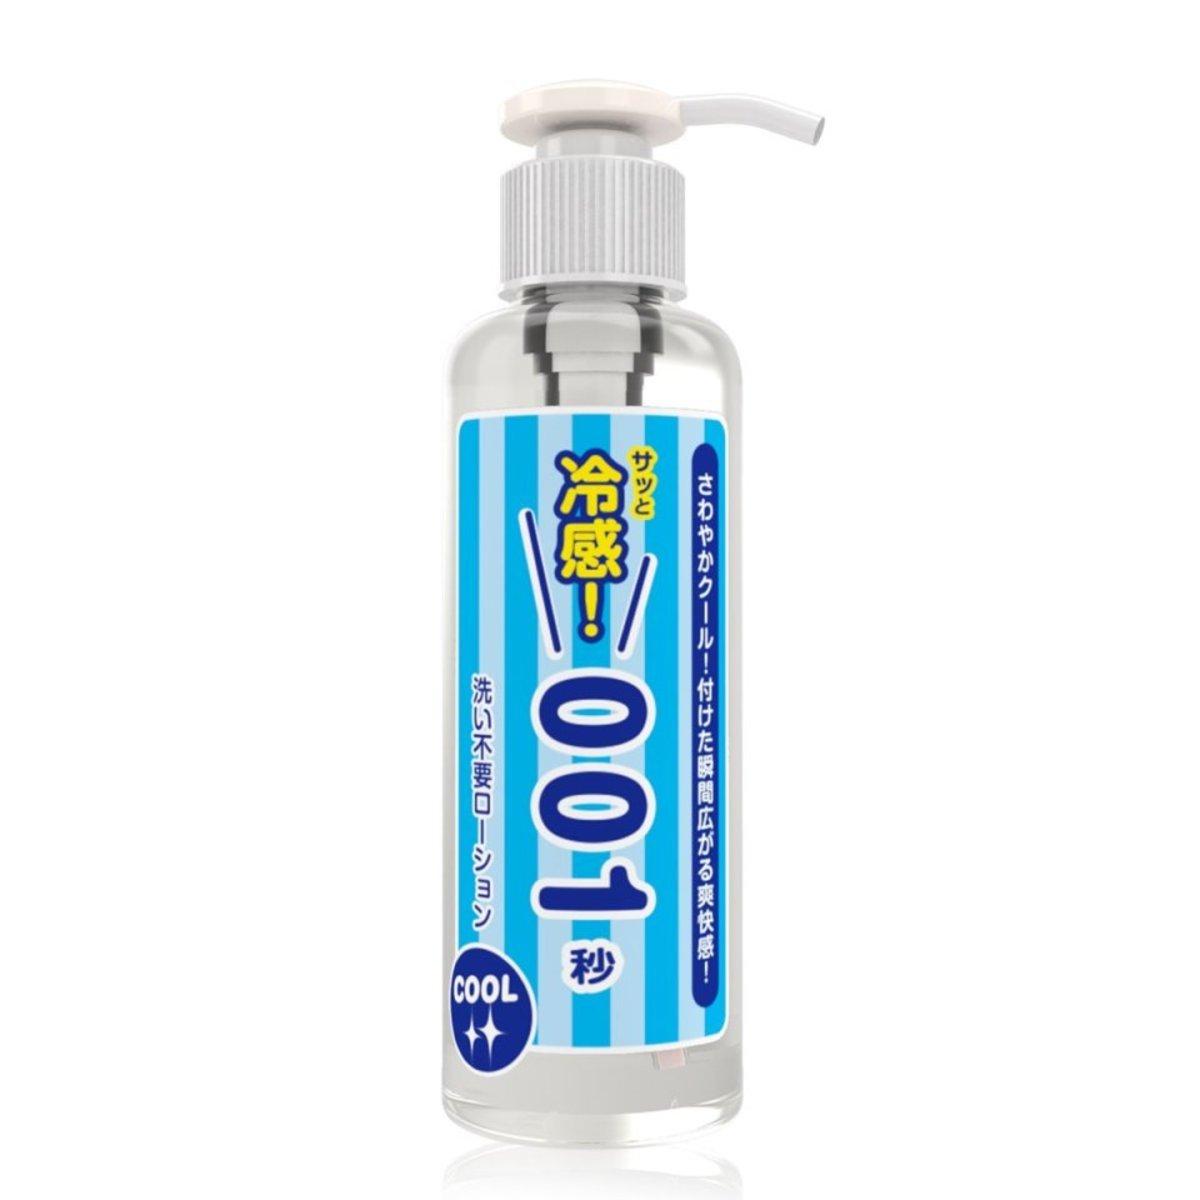 快速見效免沖洗潤滑劑 冷感 180 ml